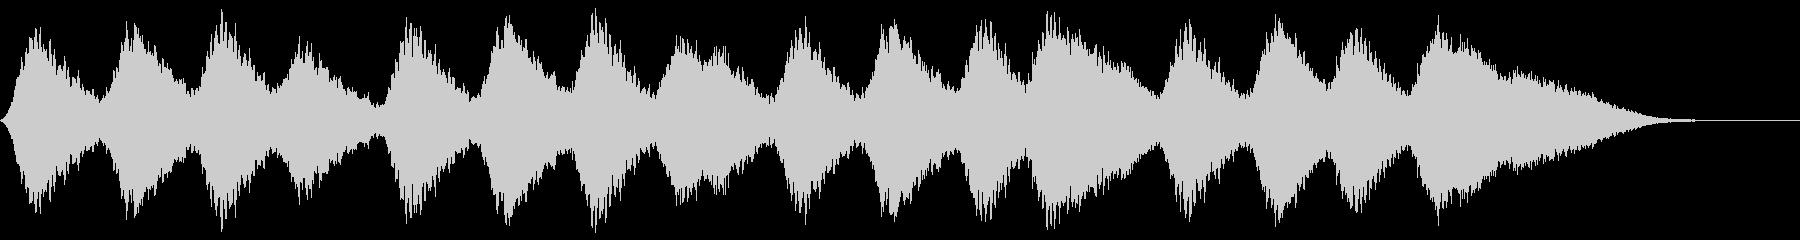 ヒーリング 安らぎのアンビエントの未再生の波形